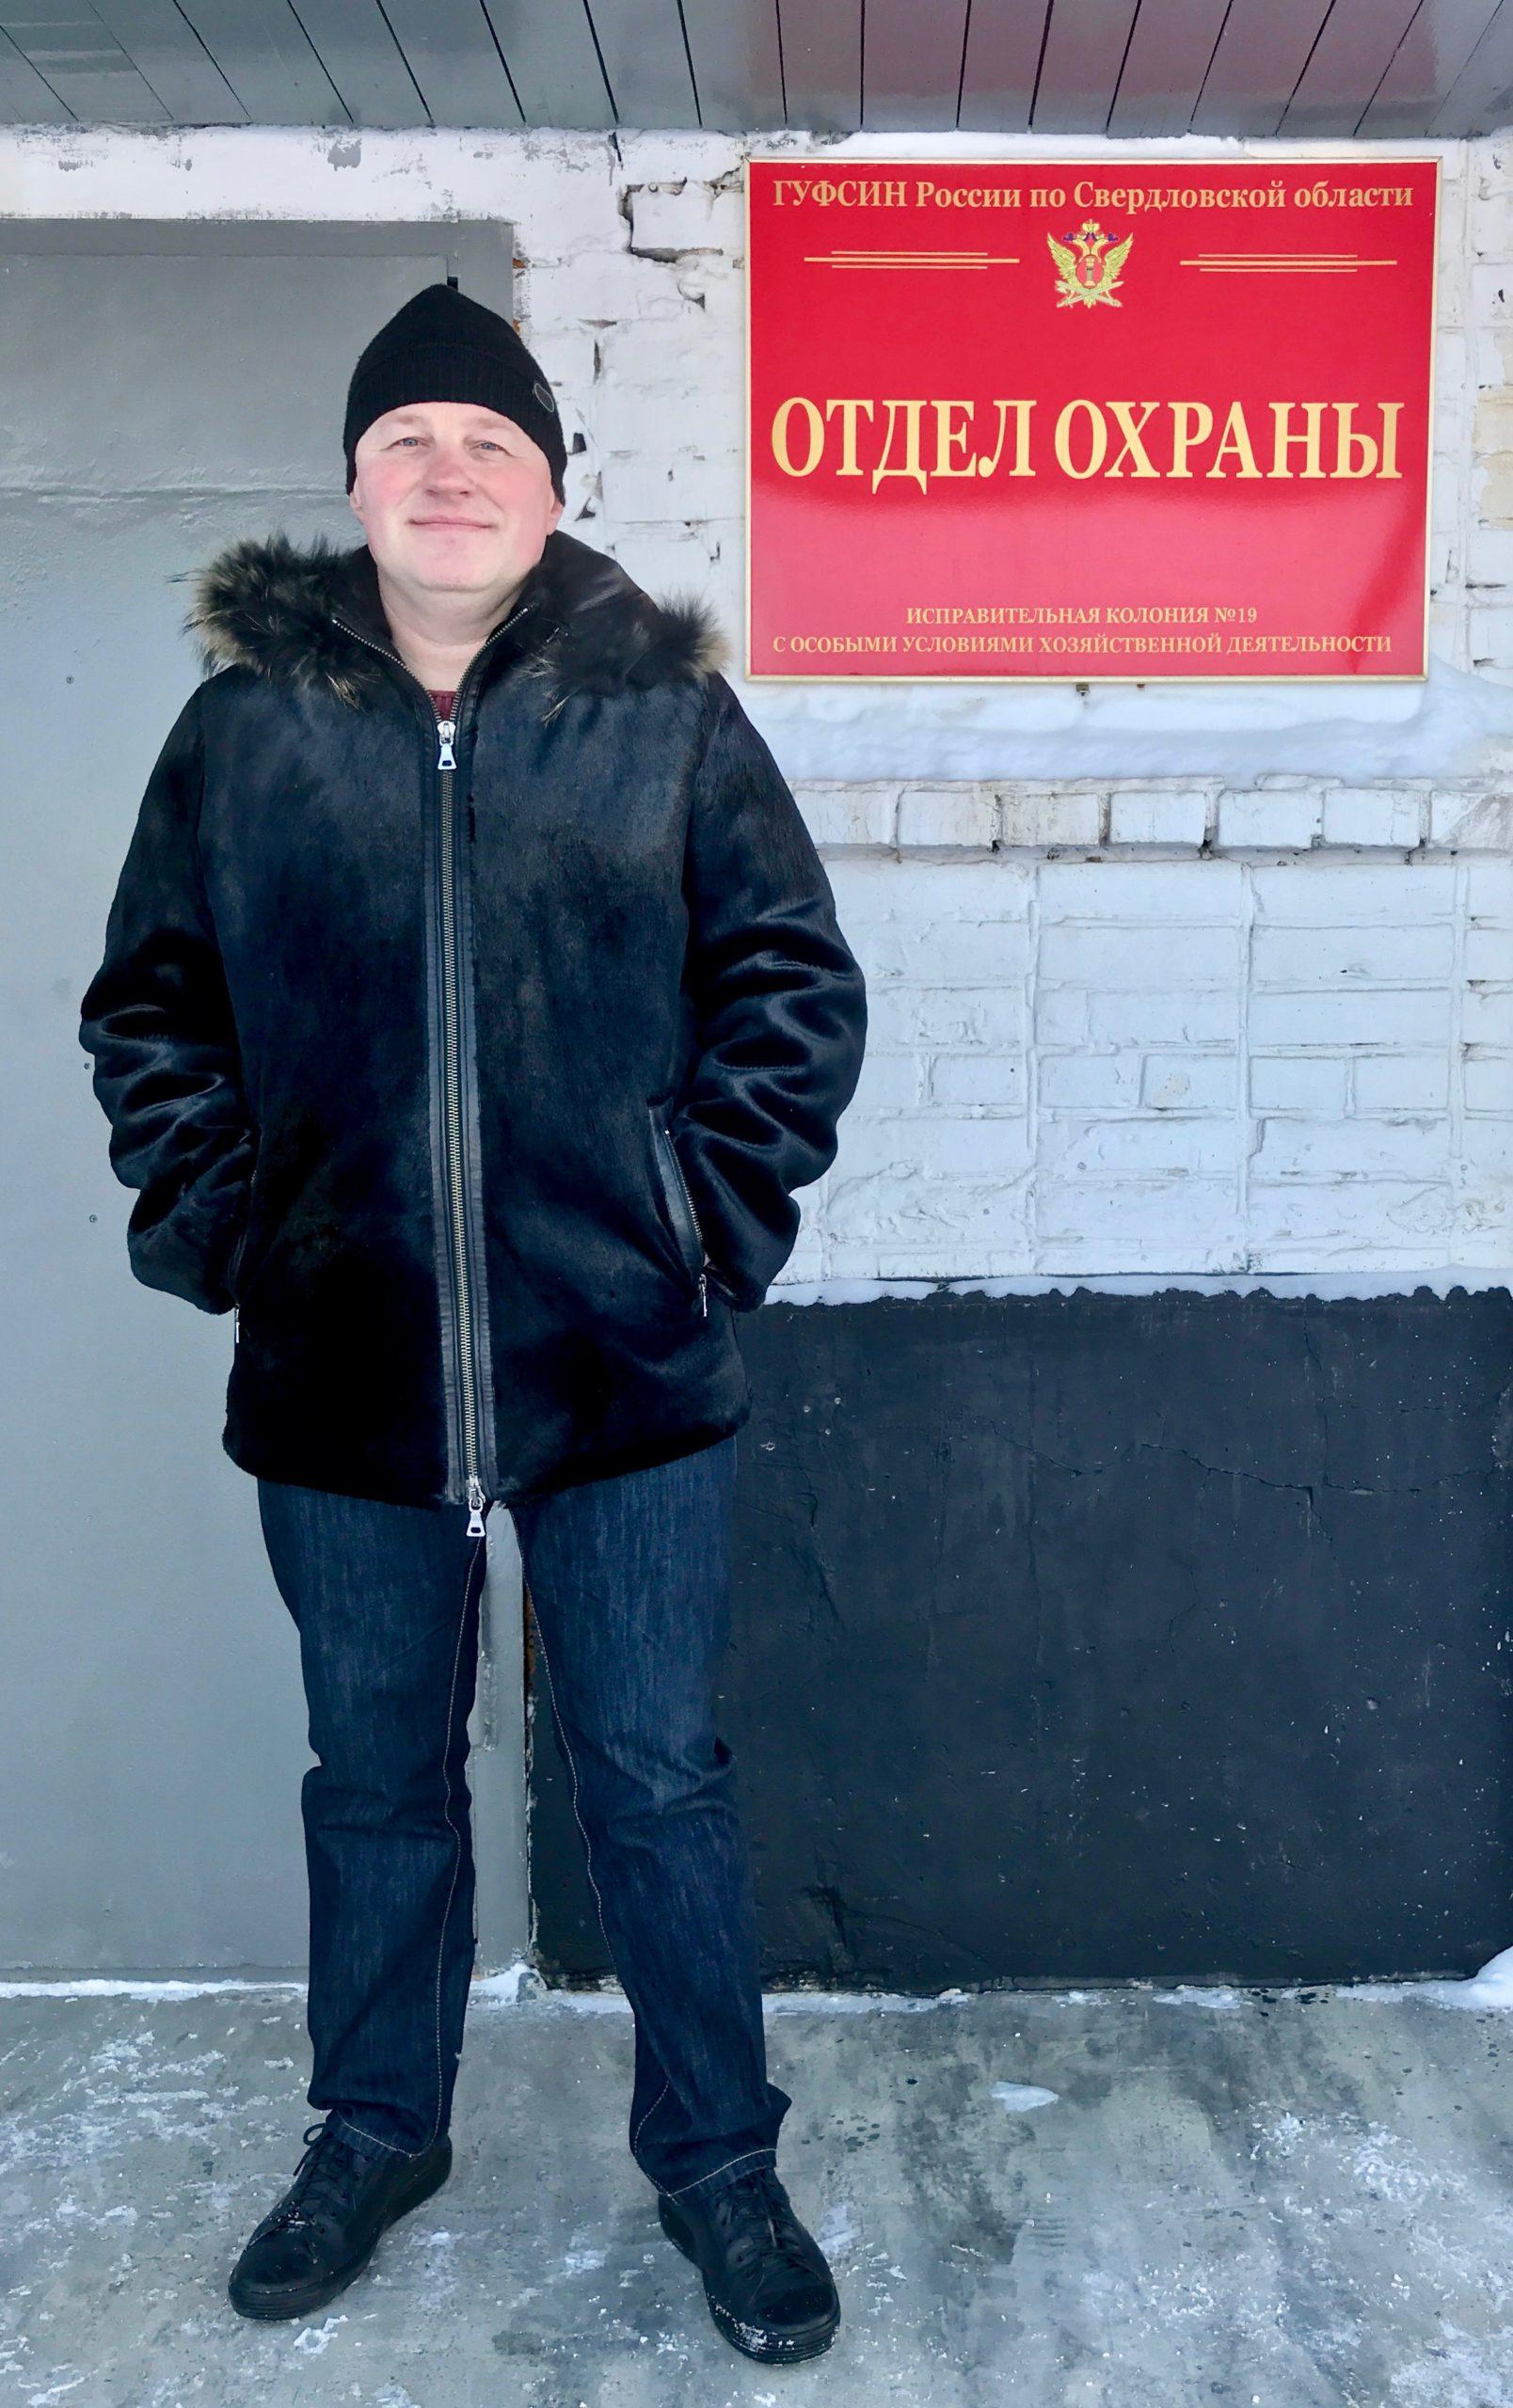 Запах свободы приятен. Адвокат домчал из ИК в Екатеринбург нормального человека.